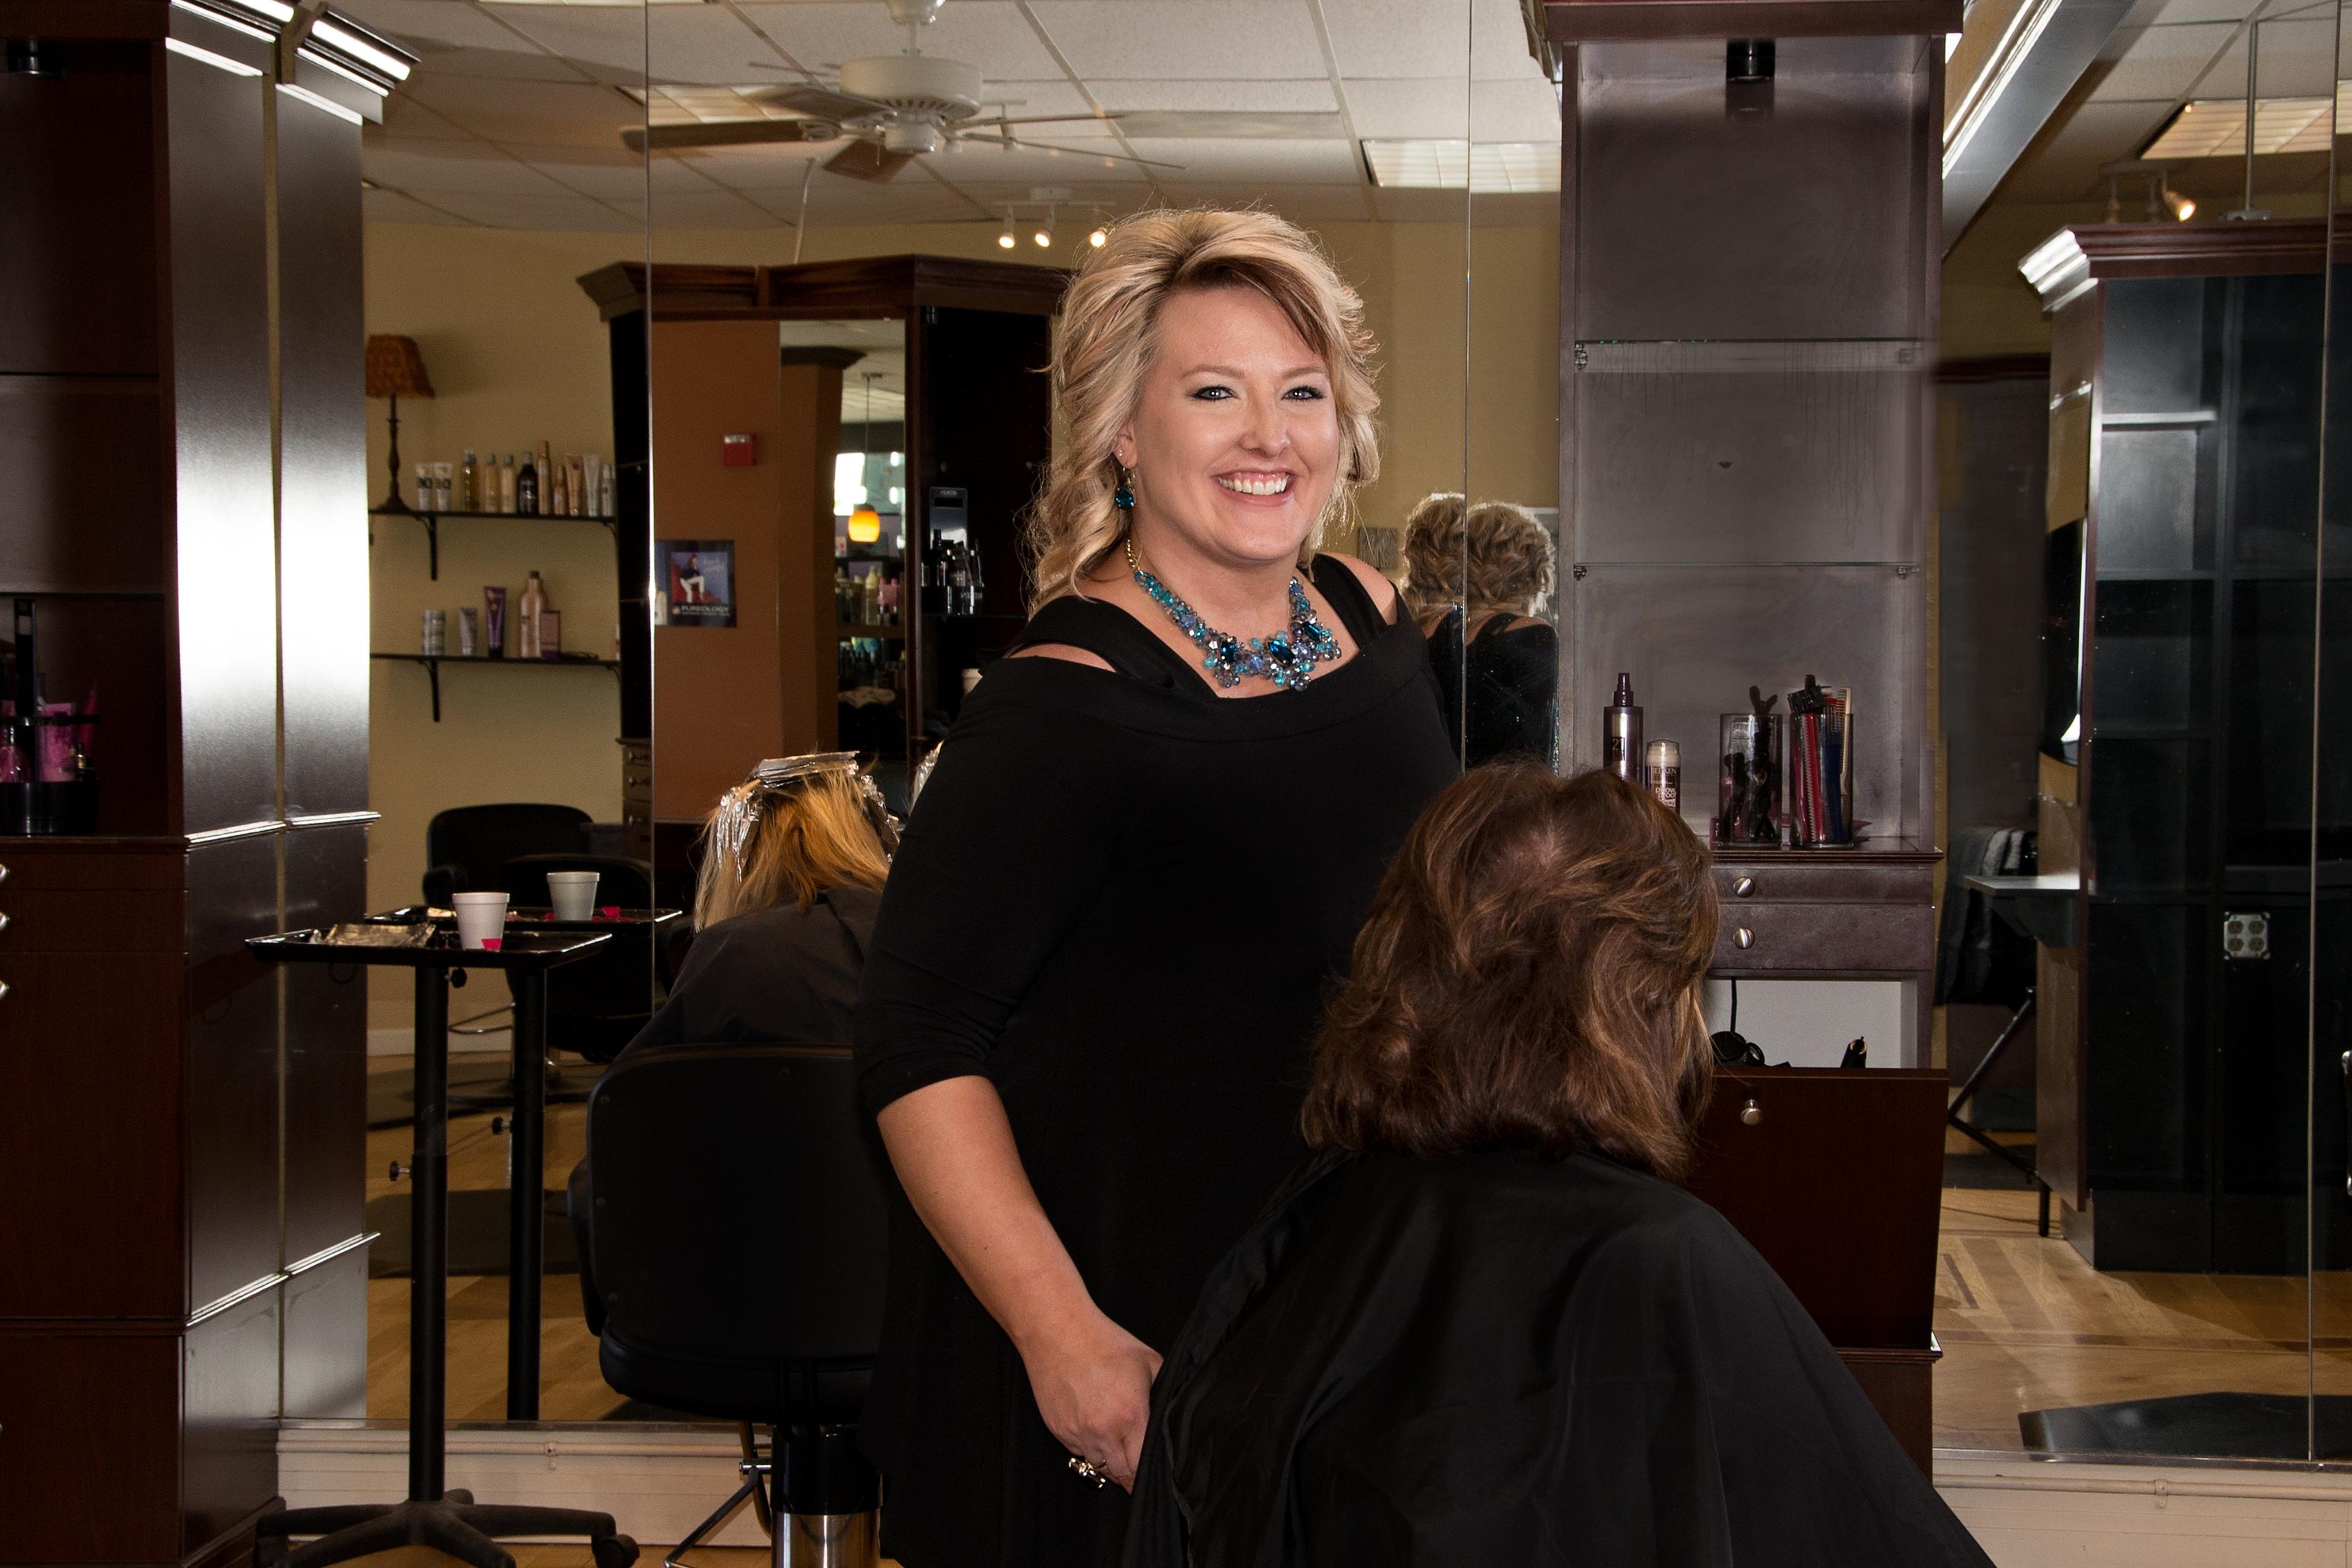 Jane Schindler - Hair Stylist at Salon Nevaeh in Littleton, CO